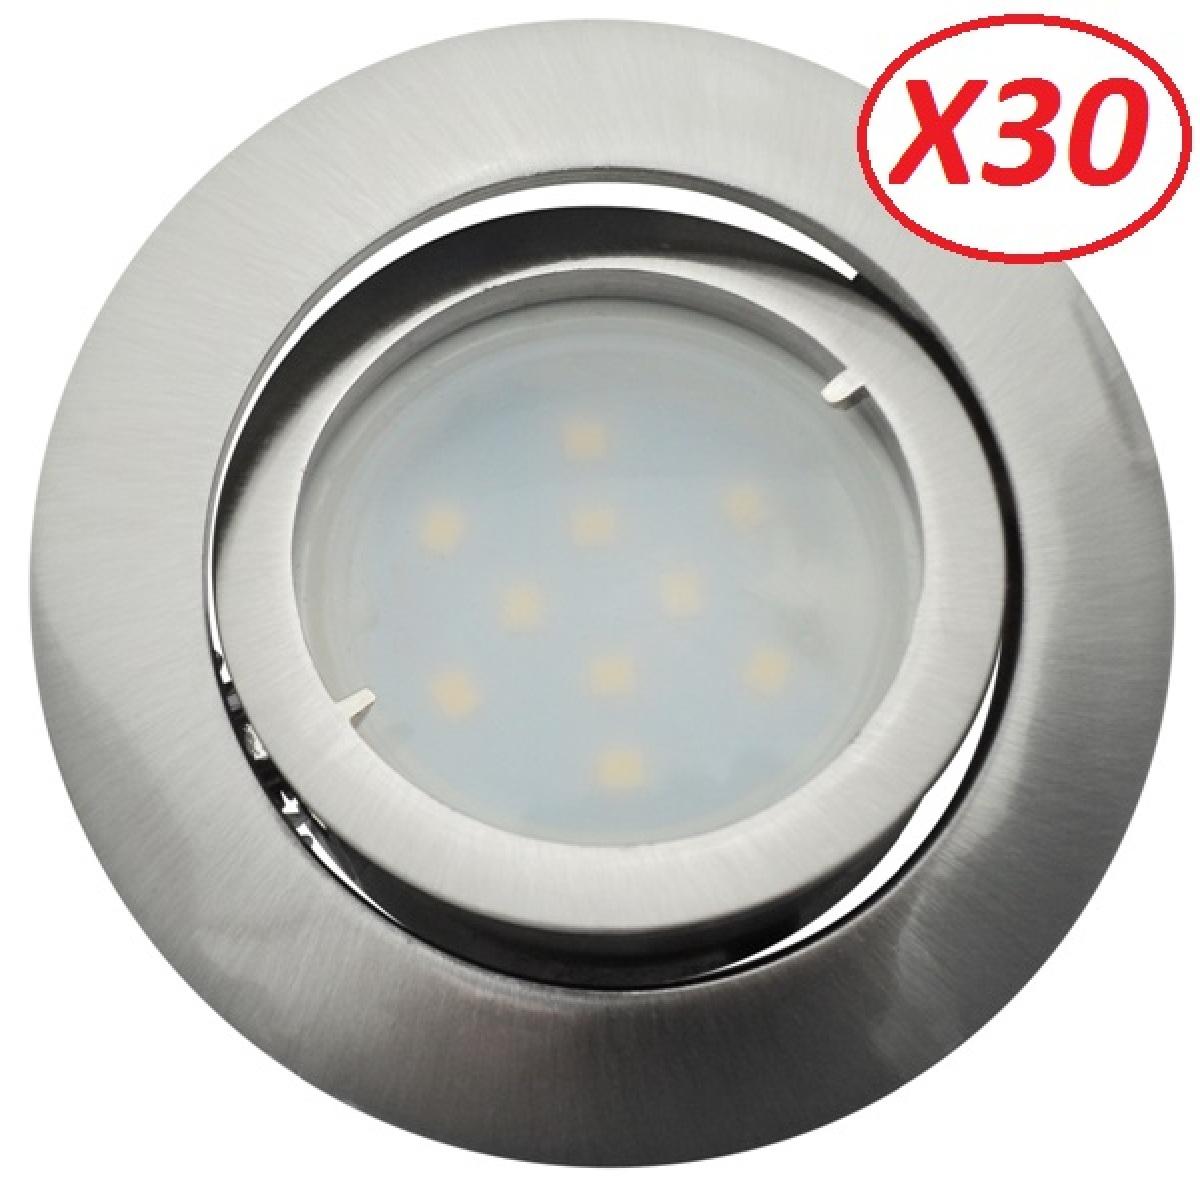 Eurobryte Lot de 30 Spot Led Encastrable Complete Satin Orientable lumière Blanc Neutre eq. 50W ref.895